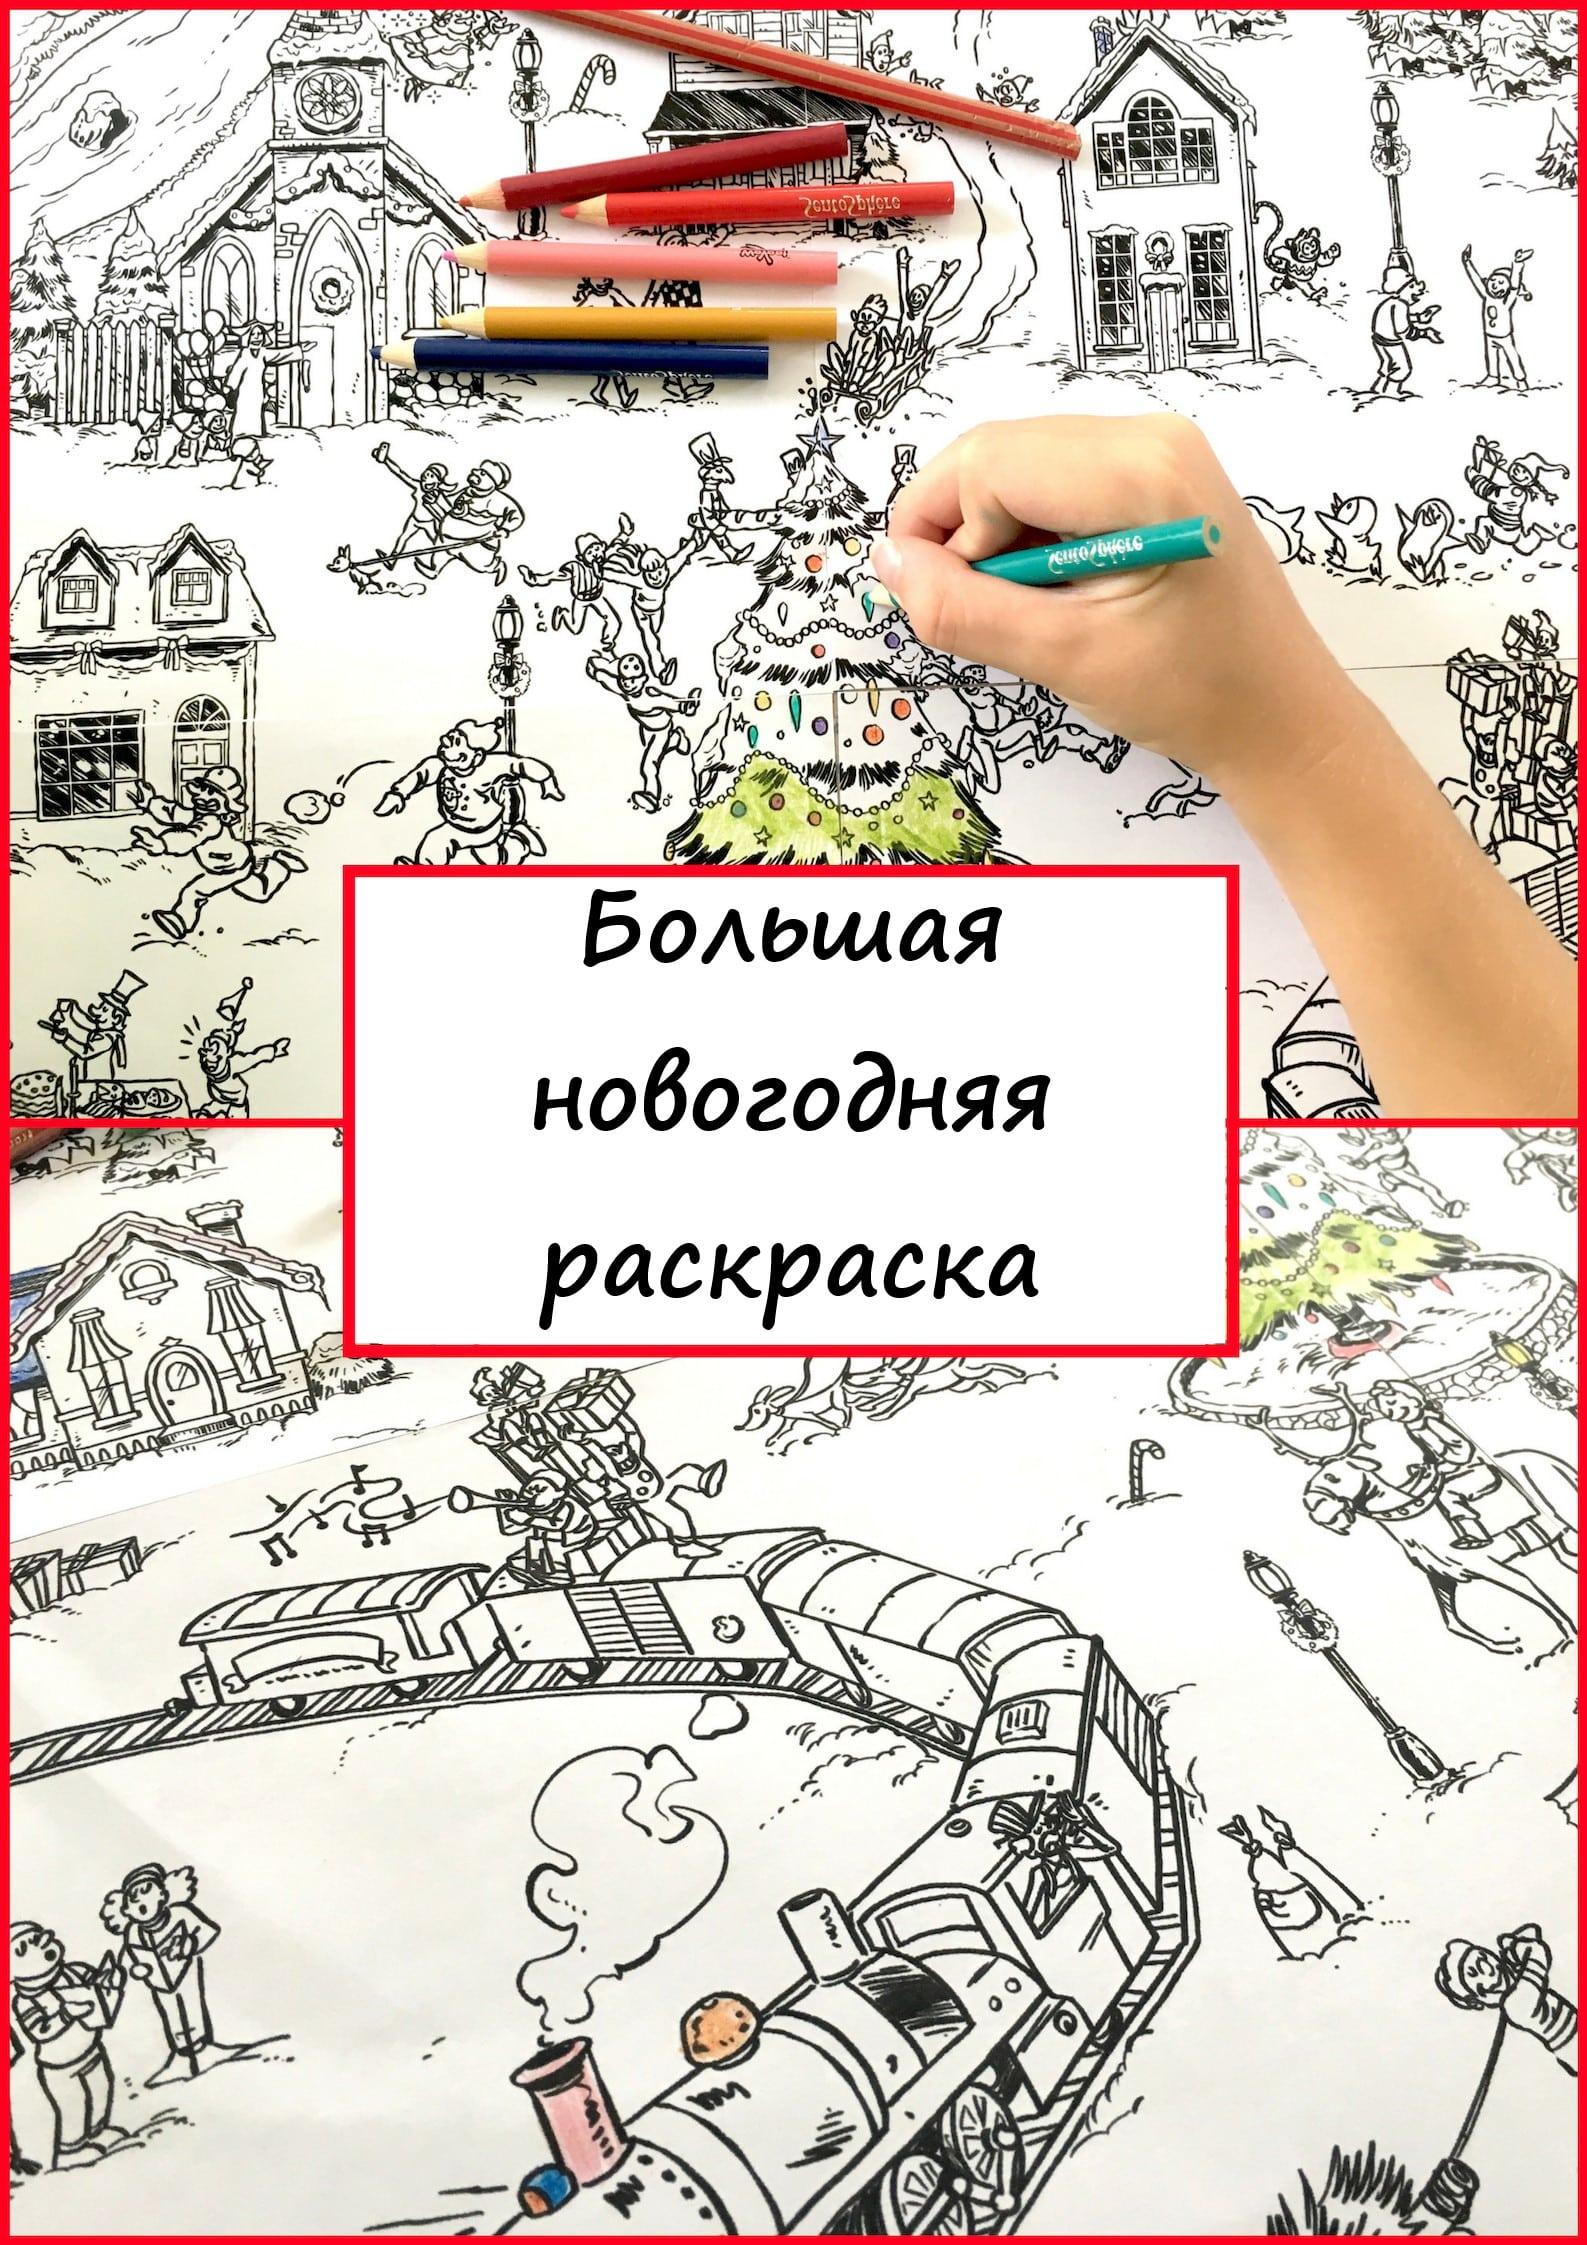 Большая новогодняя раскраска для детей | Аналогий нет